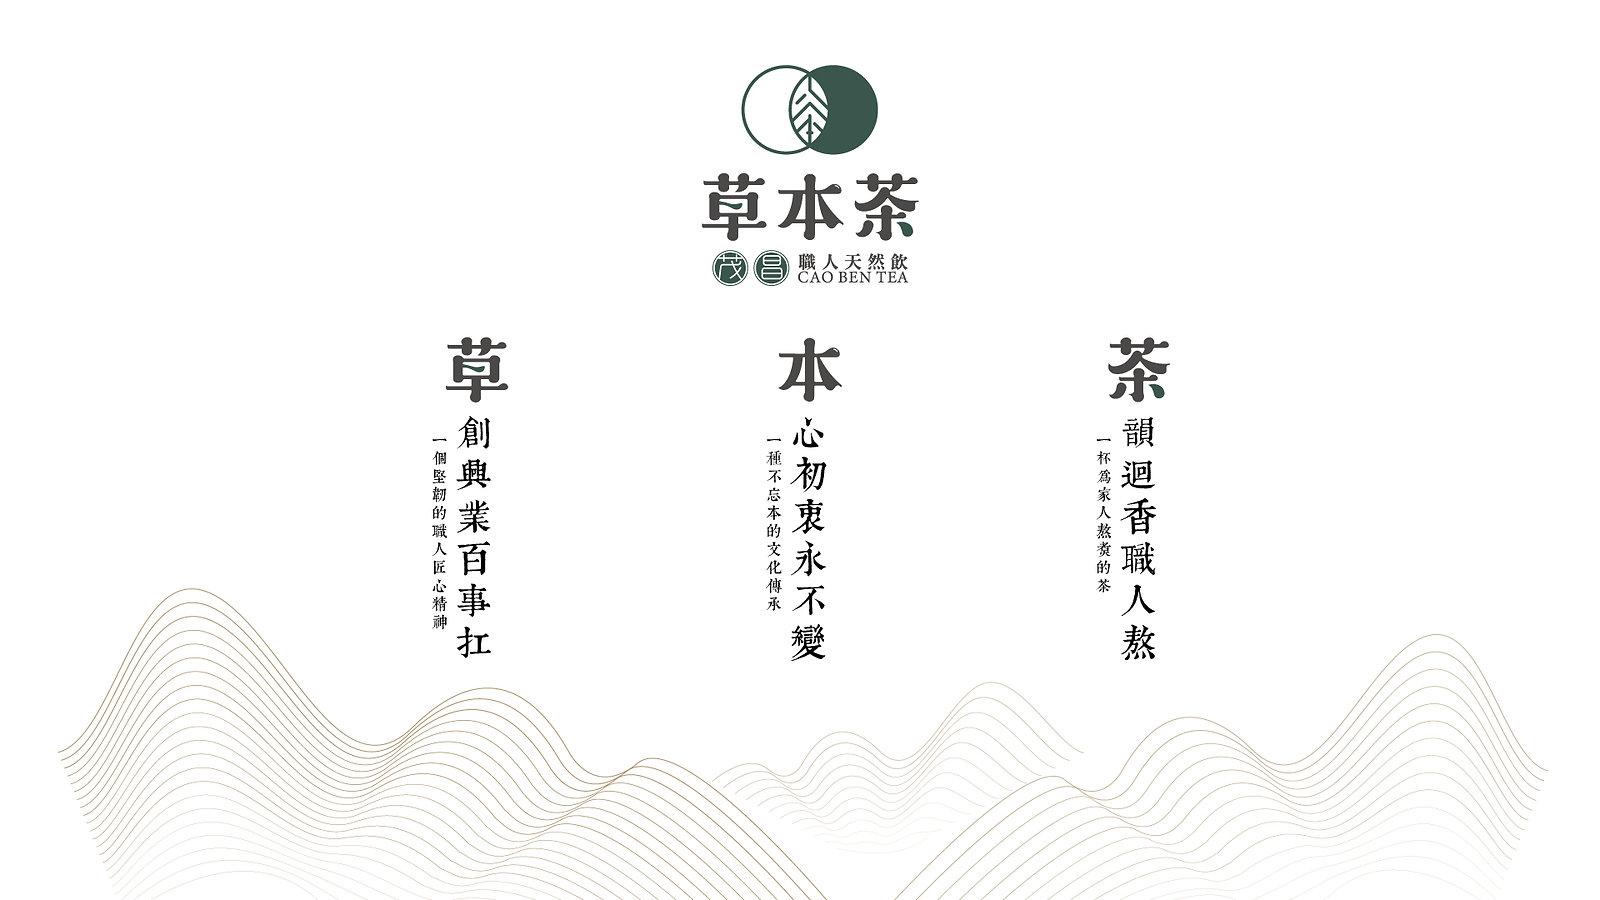 草本茶精神.jpg